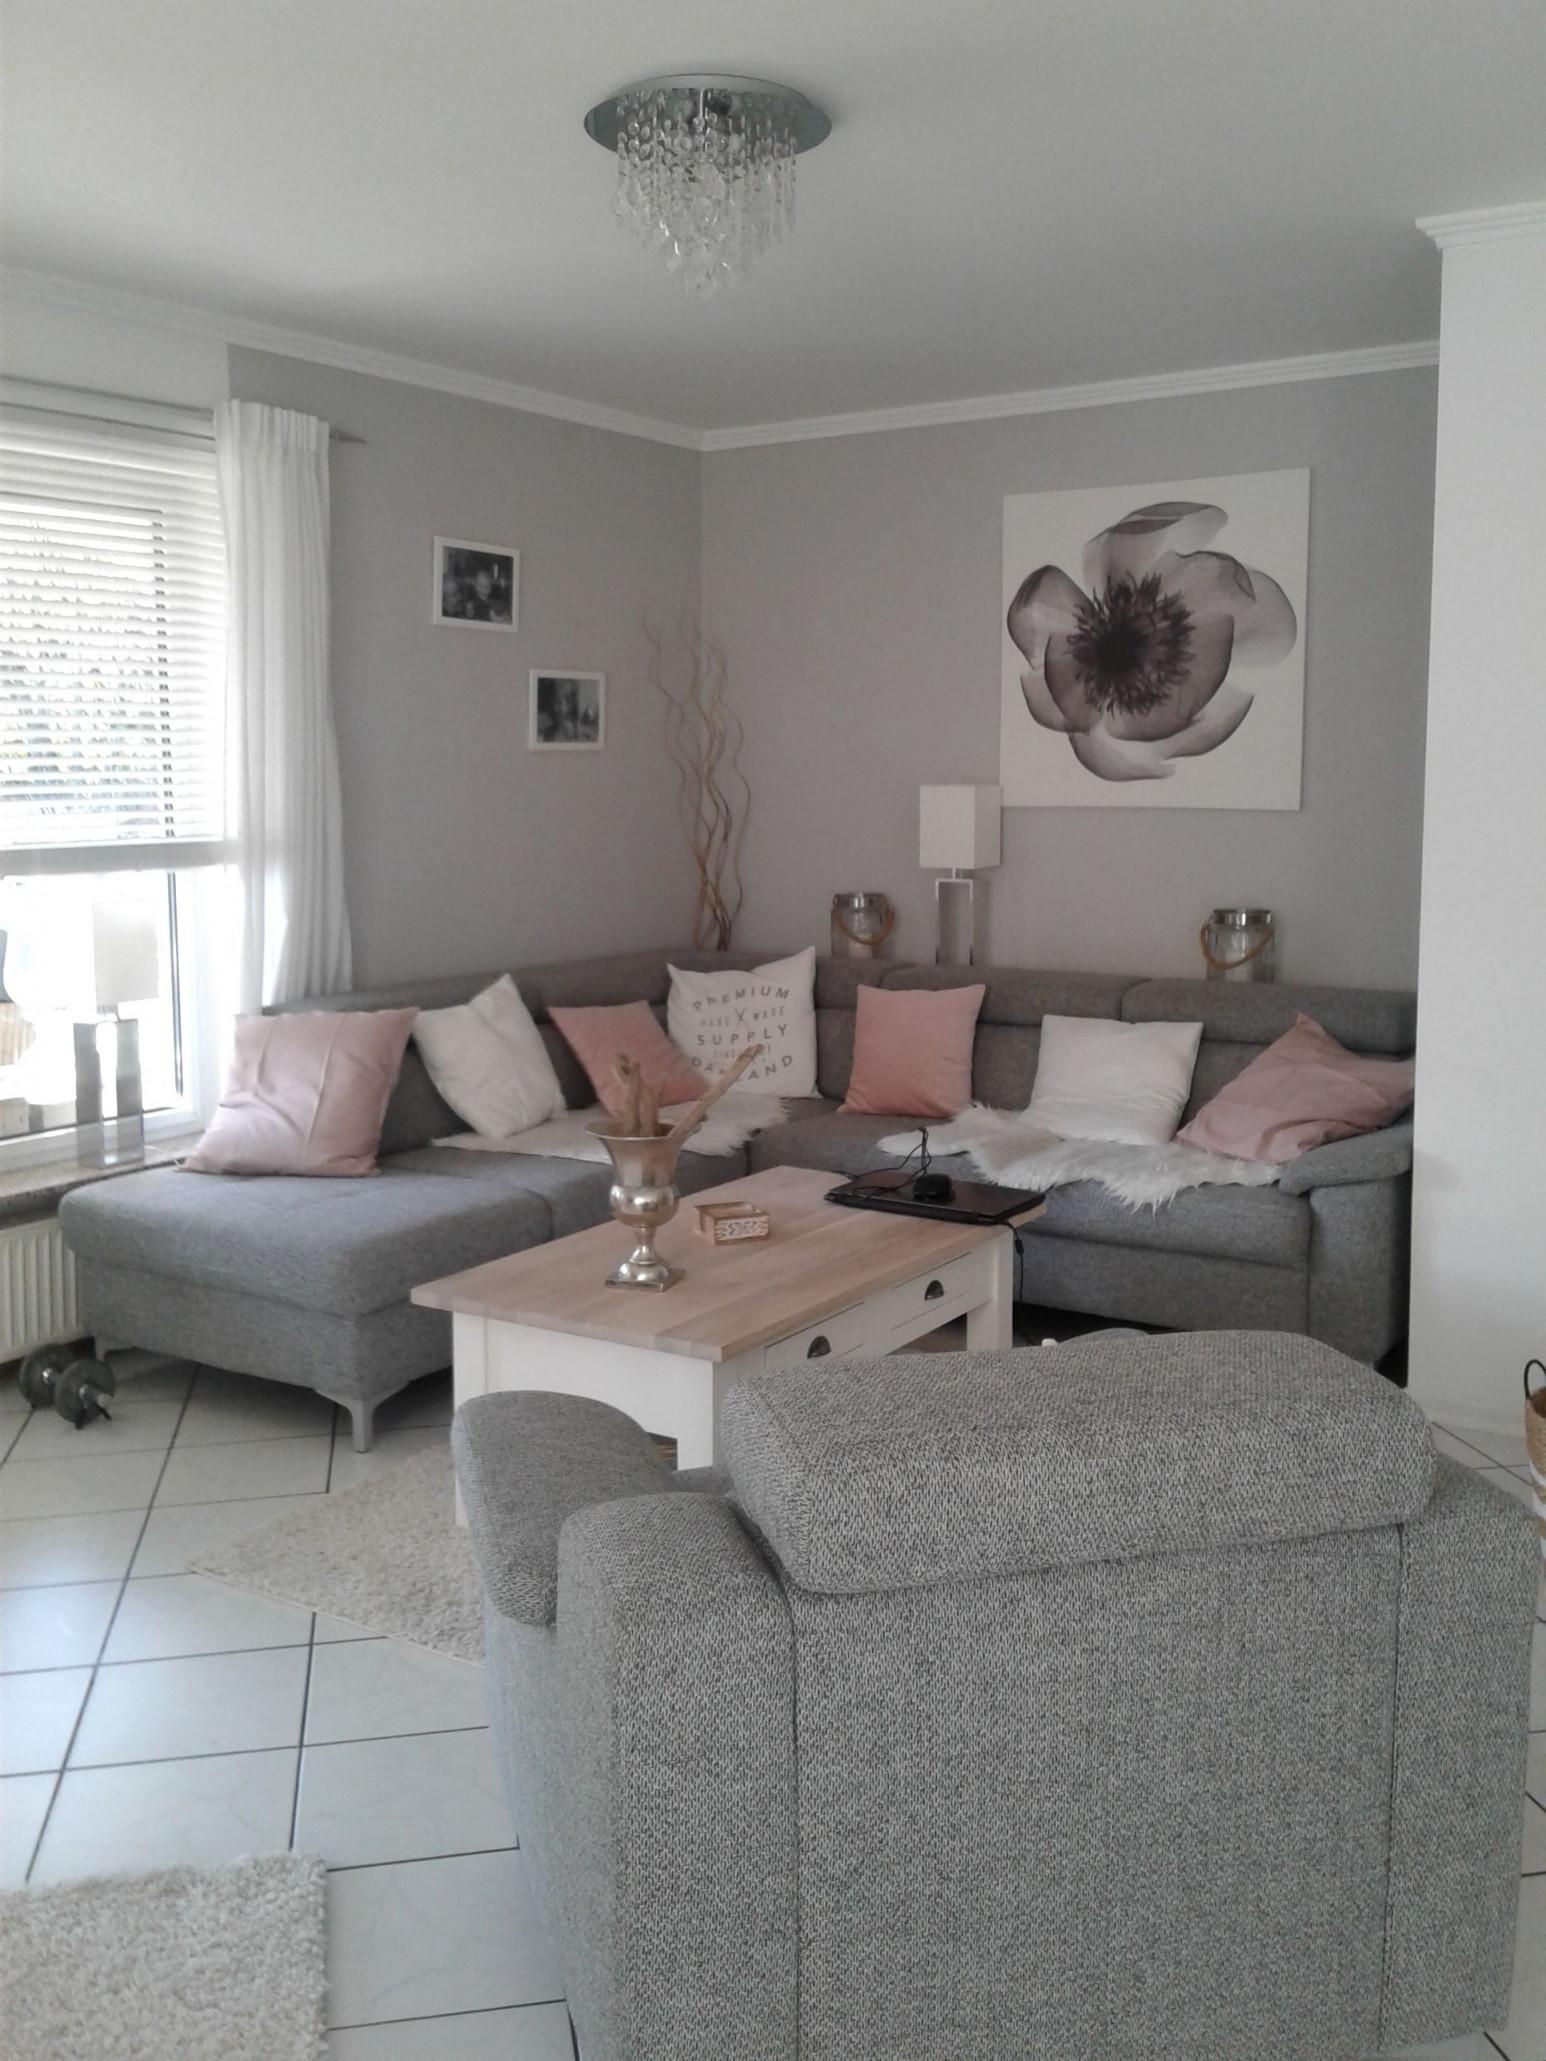 Wohnzimmer In Grau Weiß Und Farbtupfer In Matt Rosa von Graues Wohnzimmer Ideen Bild